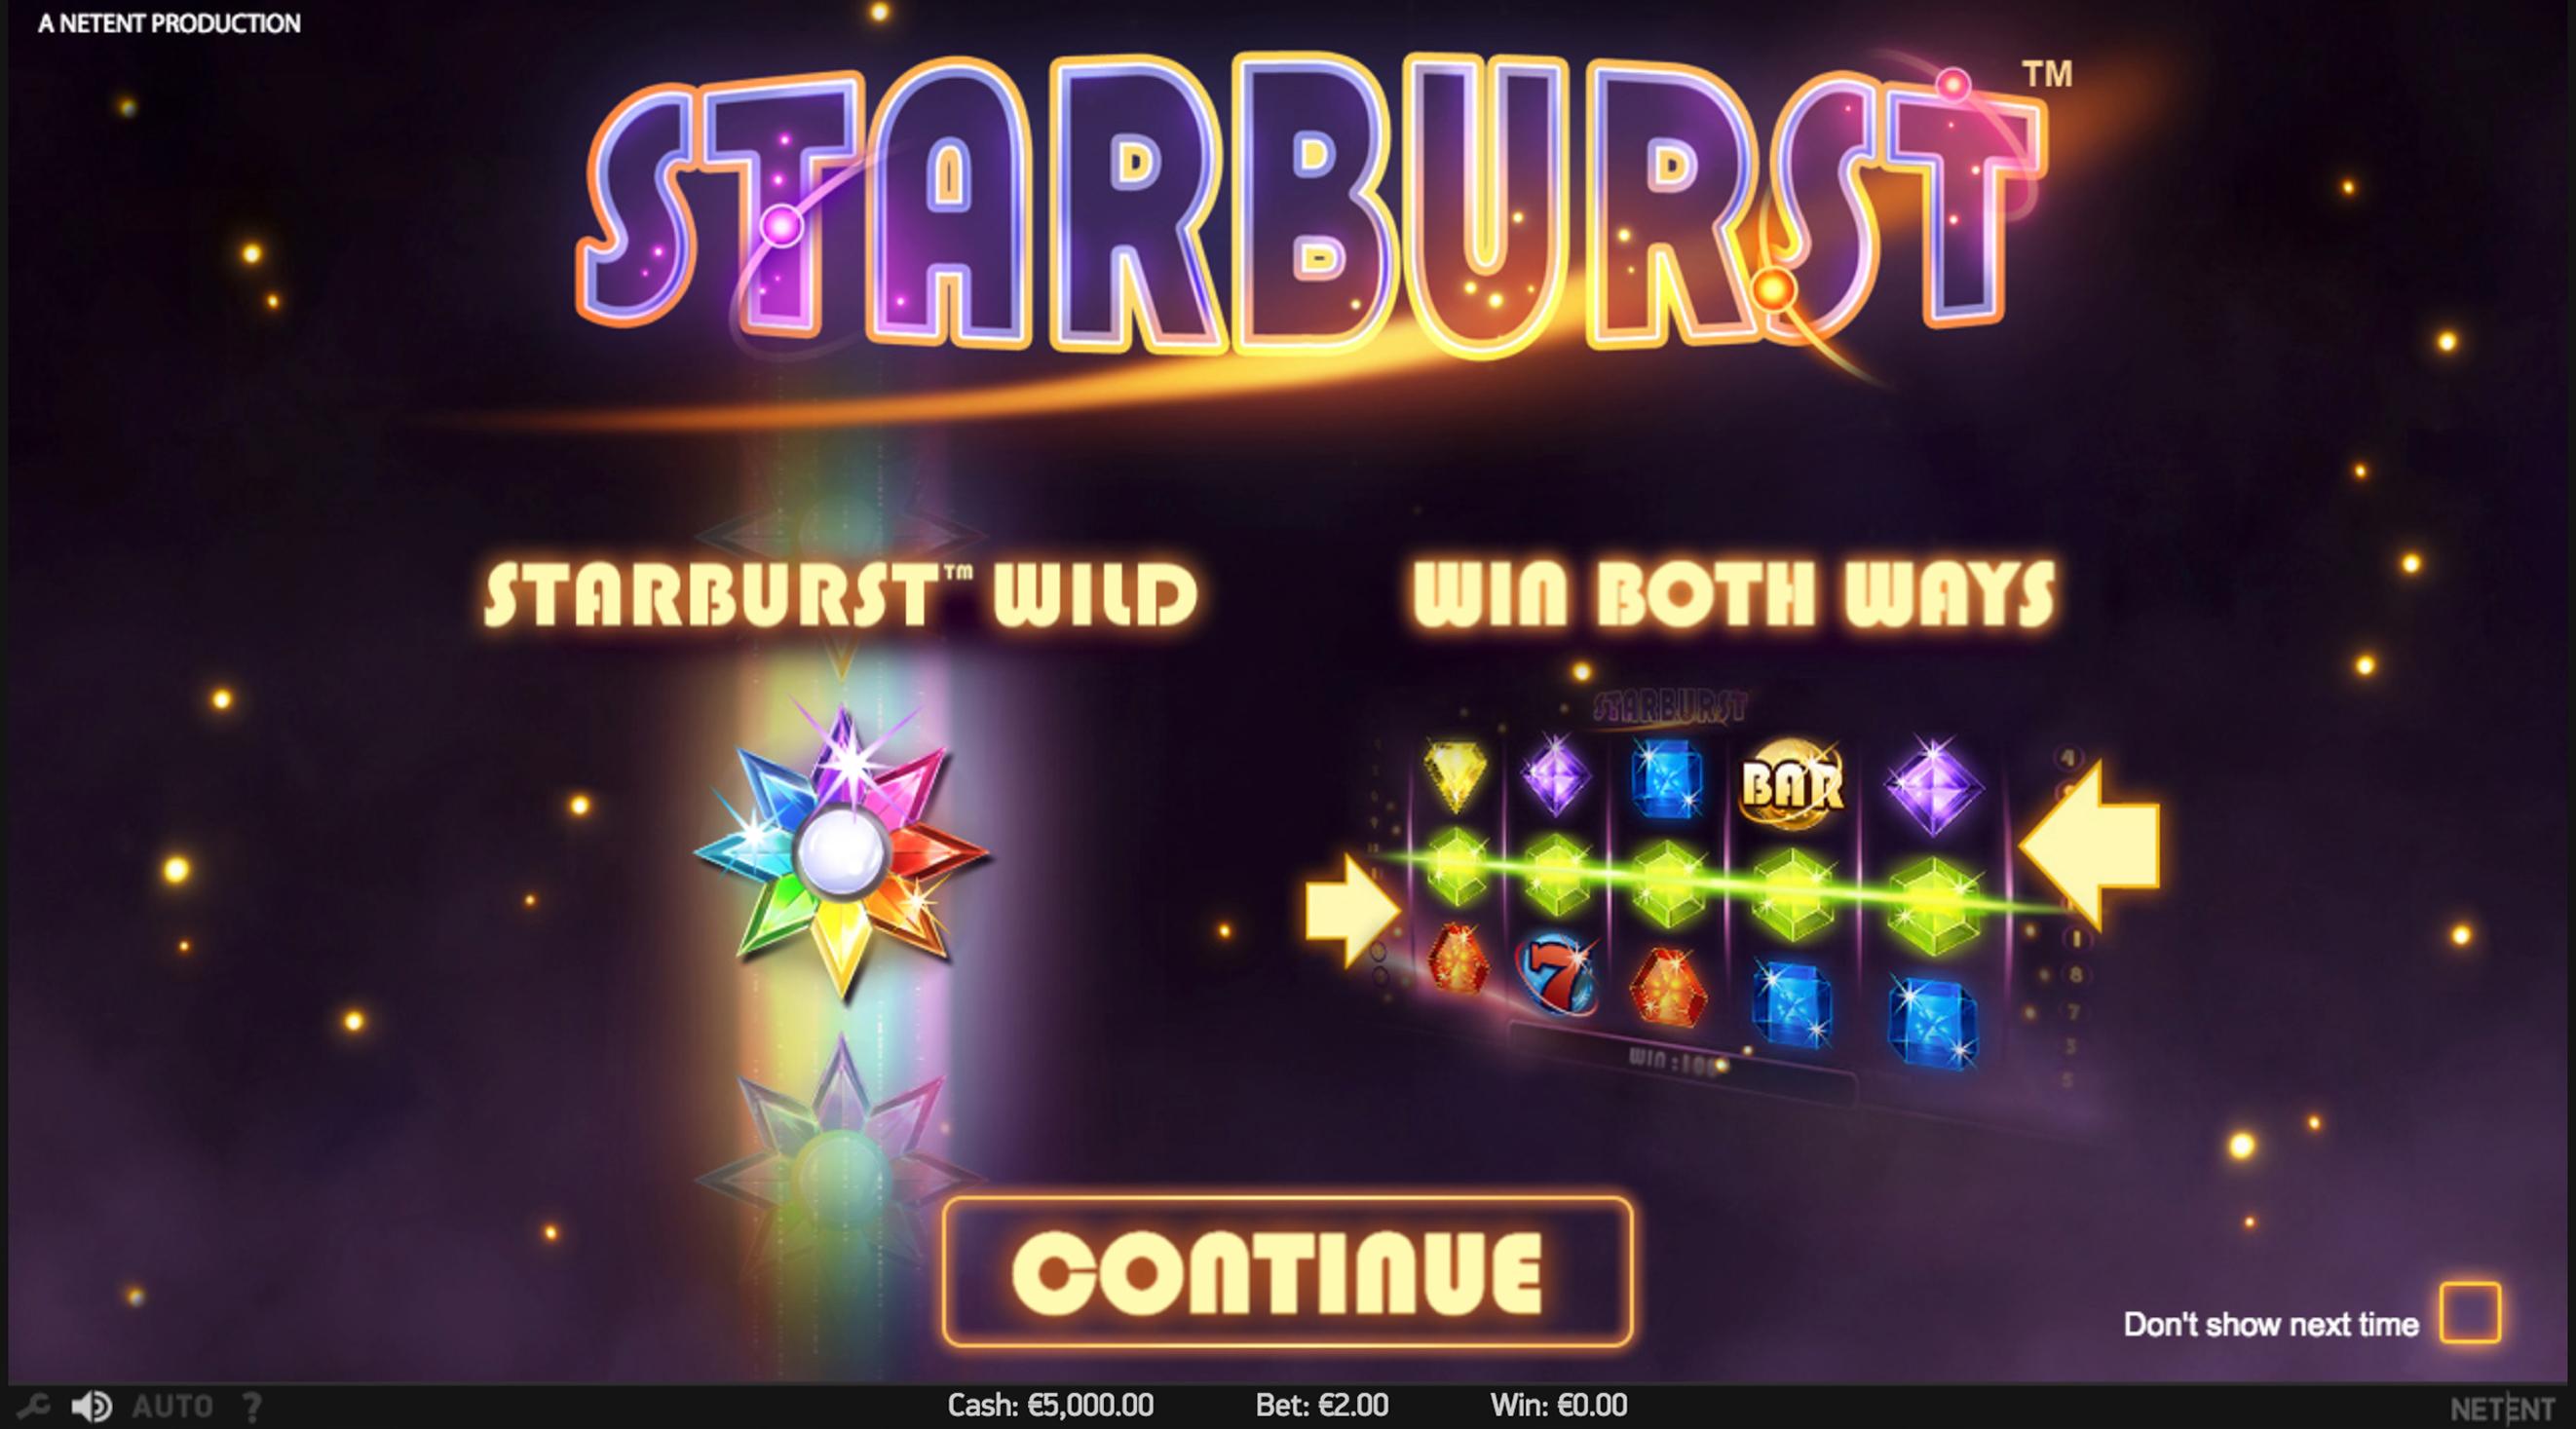 Starburst Wilds